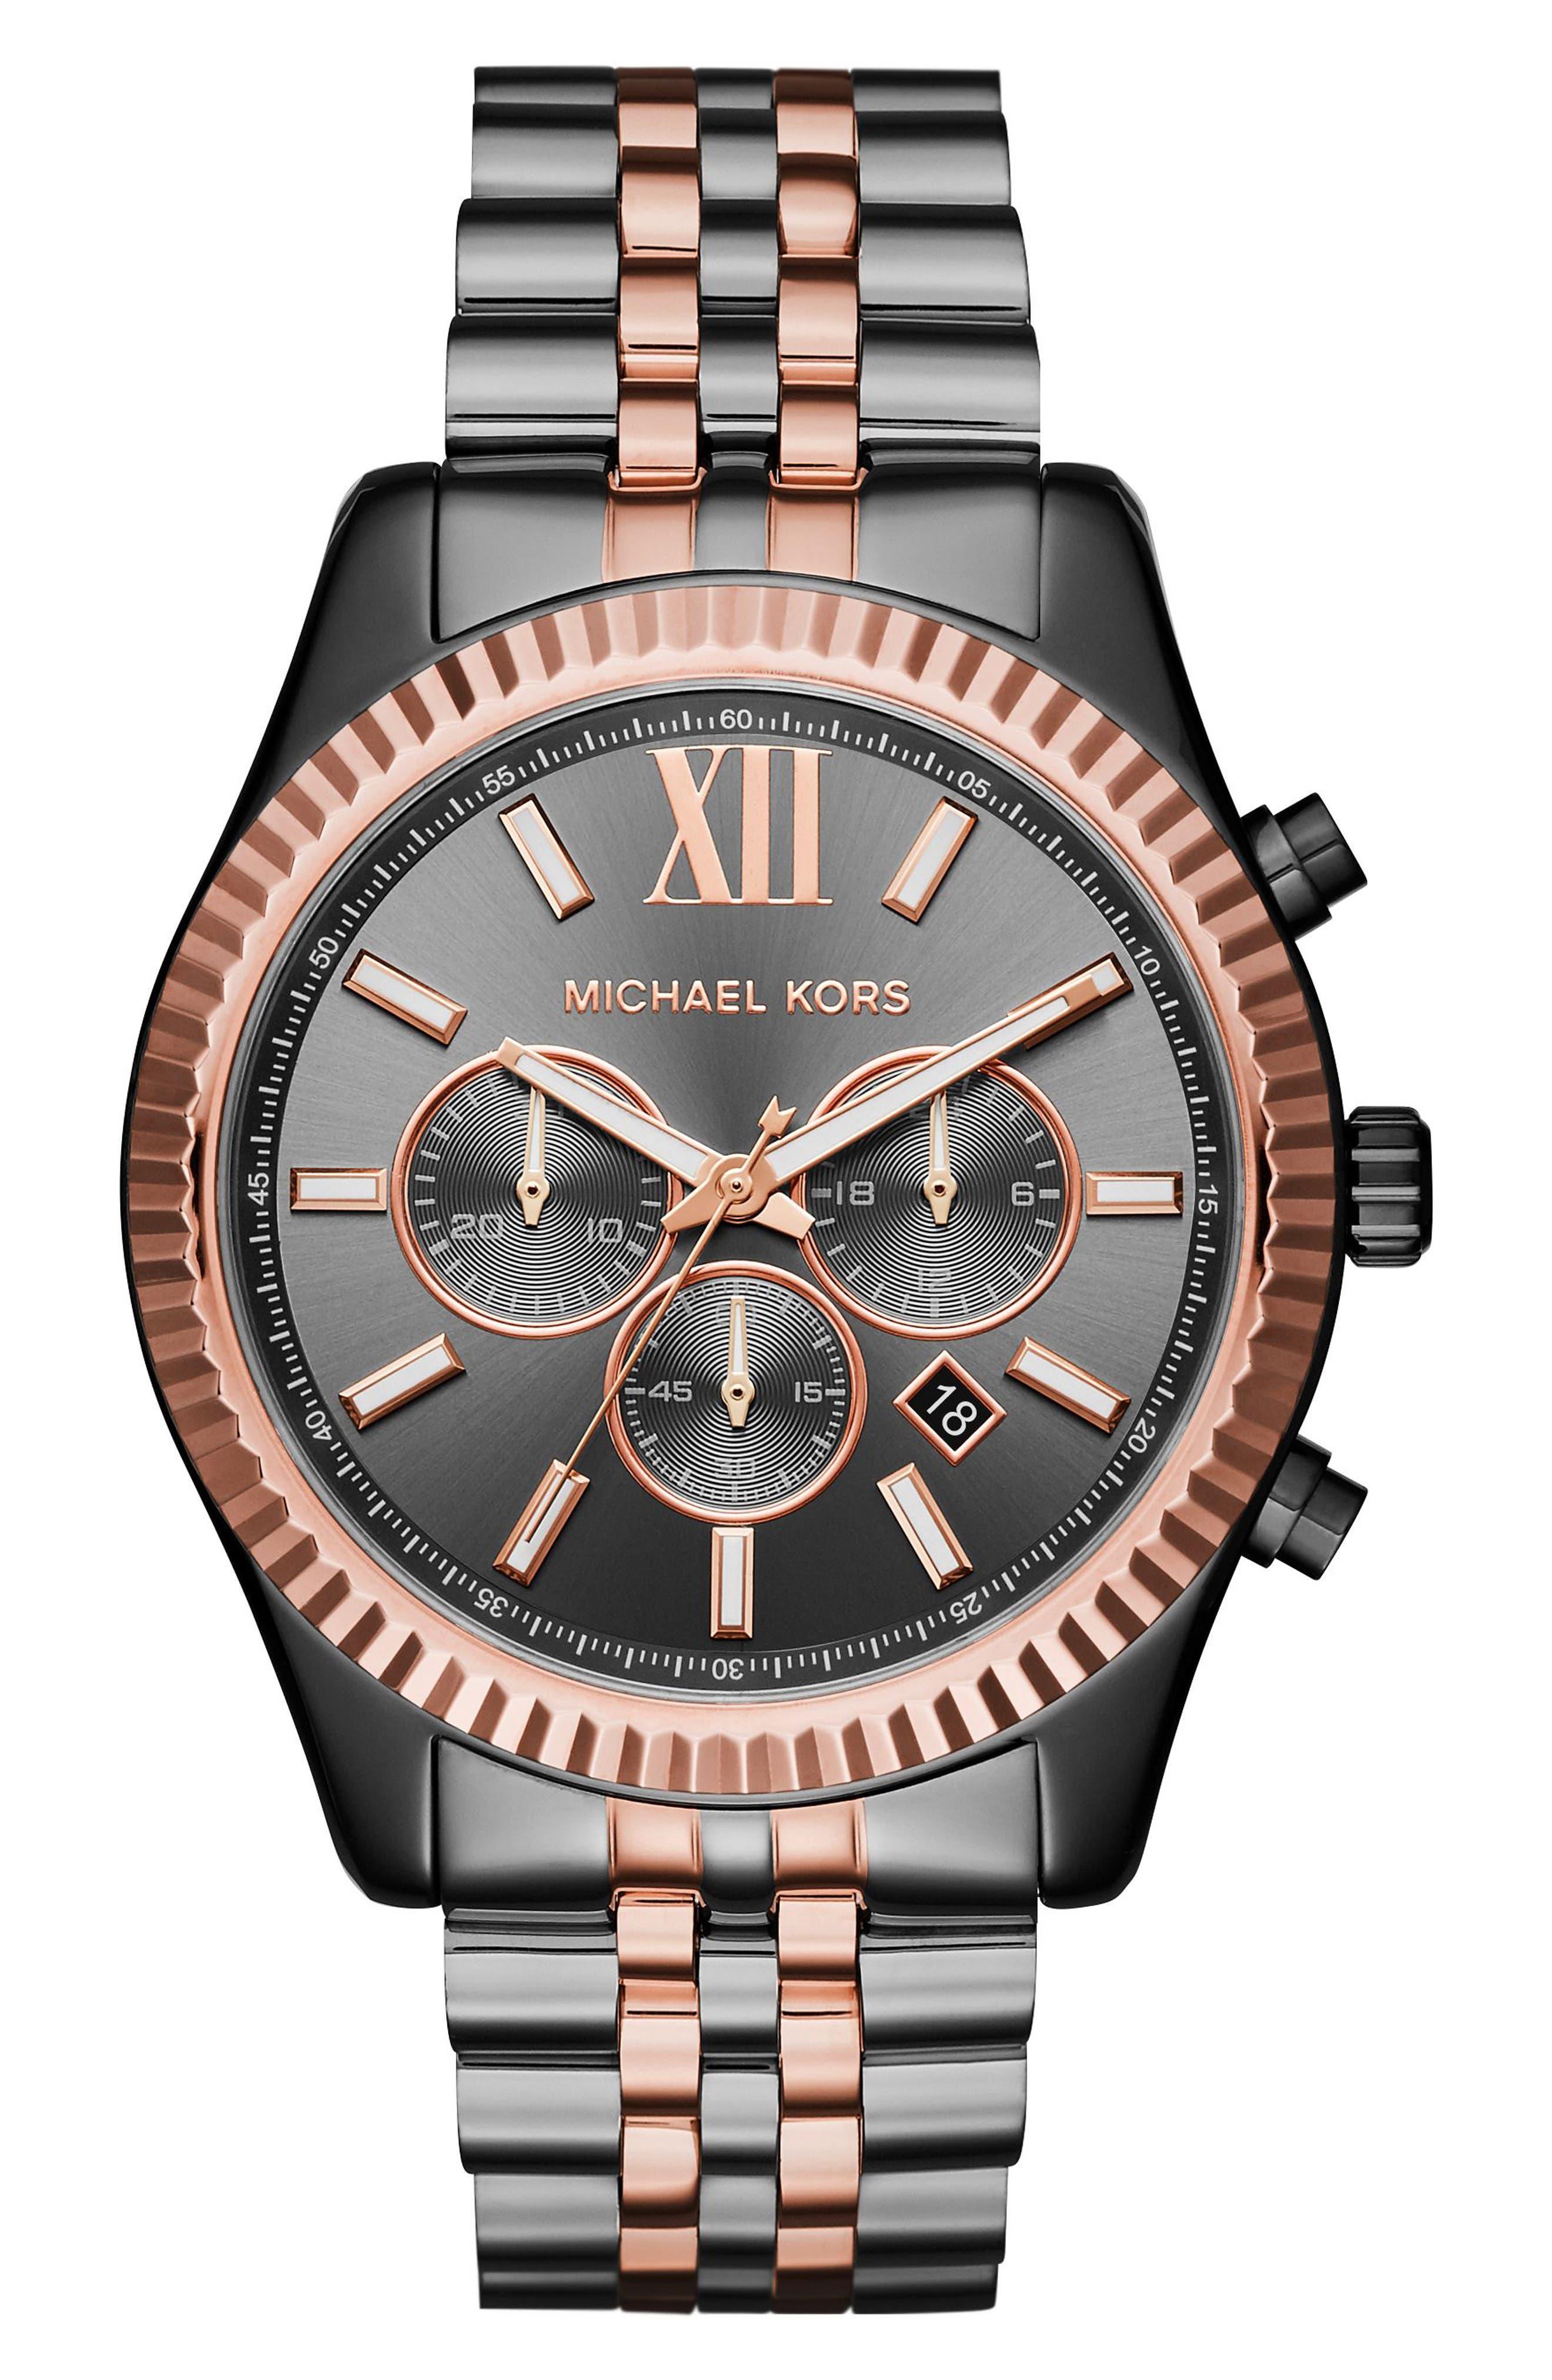 Main Image - Michael Kors'Lexington' Chronograph Bracelet Watch,44mm